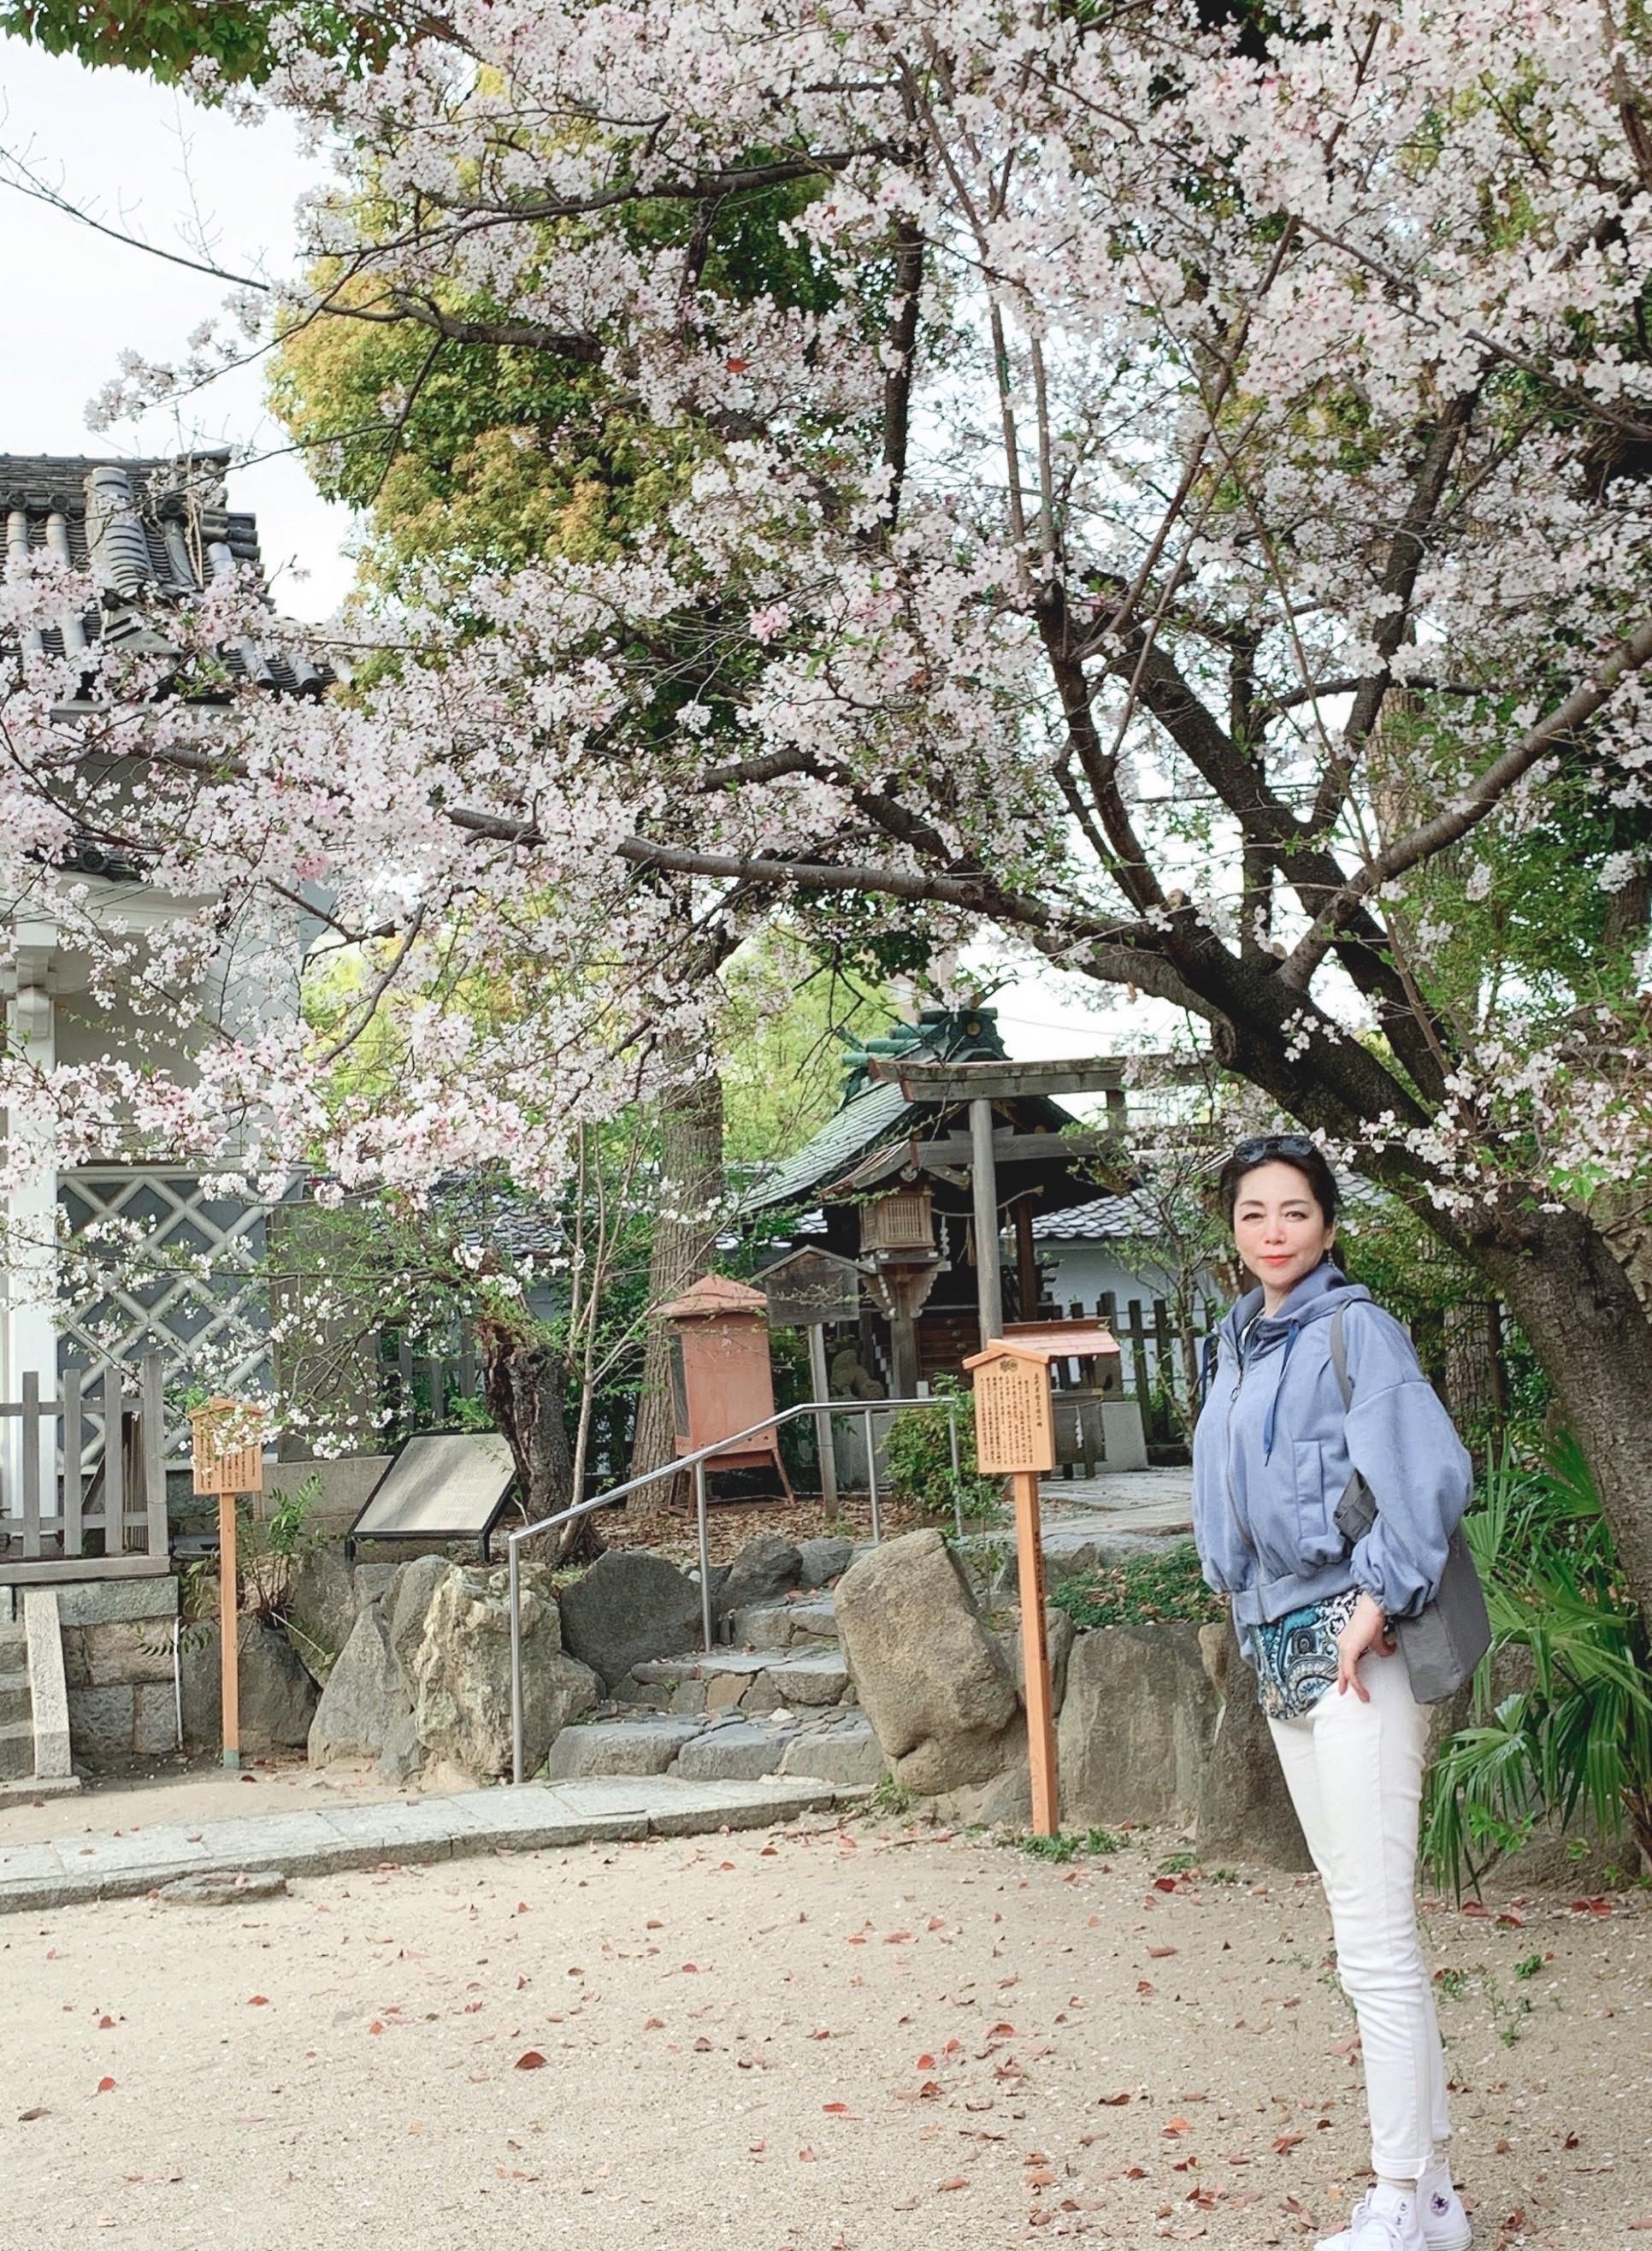 白デニムで出かけよう☆彡 春の散策・・・_1_3-1